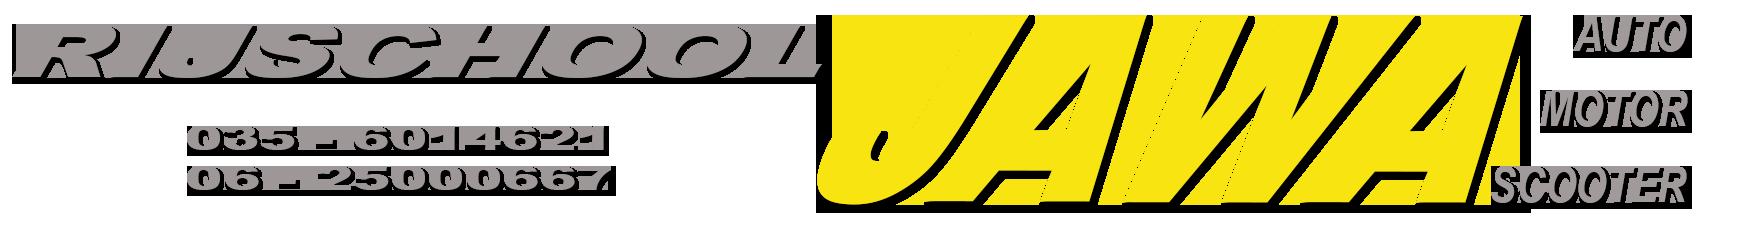 Rijschool Jawa